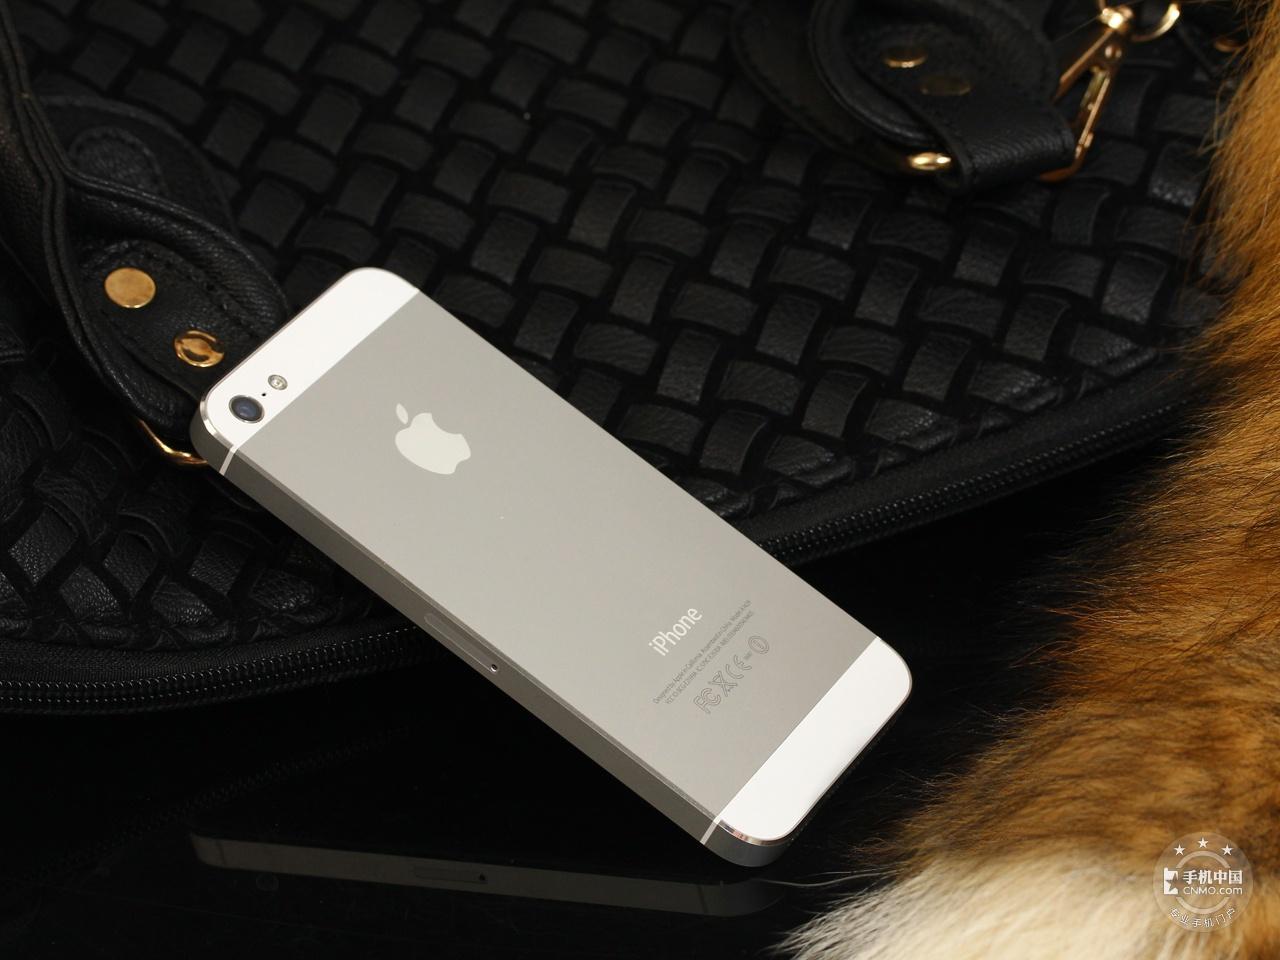 苹果iPhone5(32GB)整体外观第8张